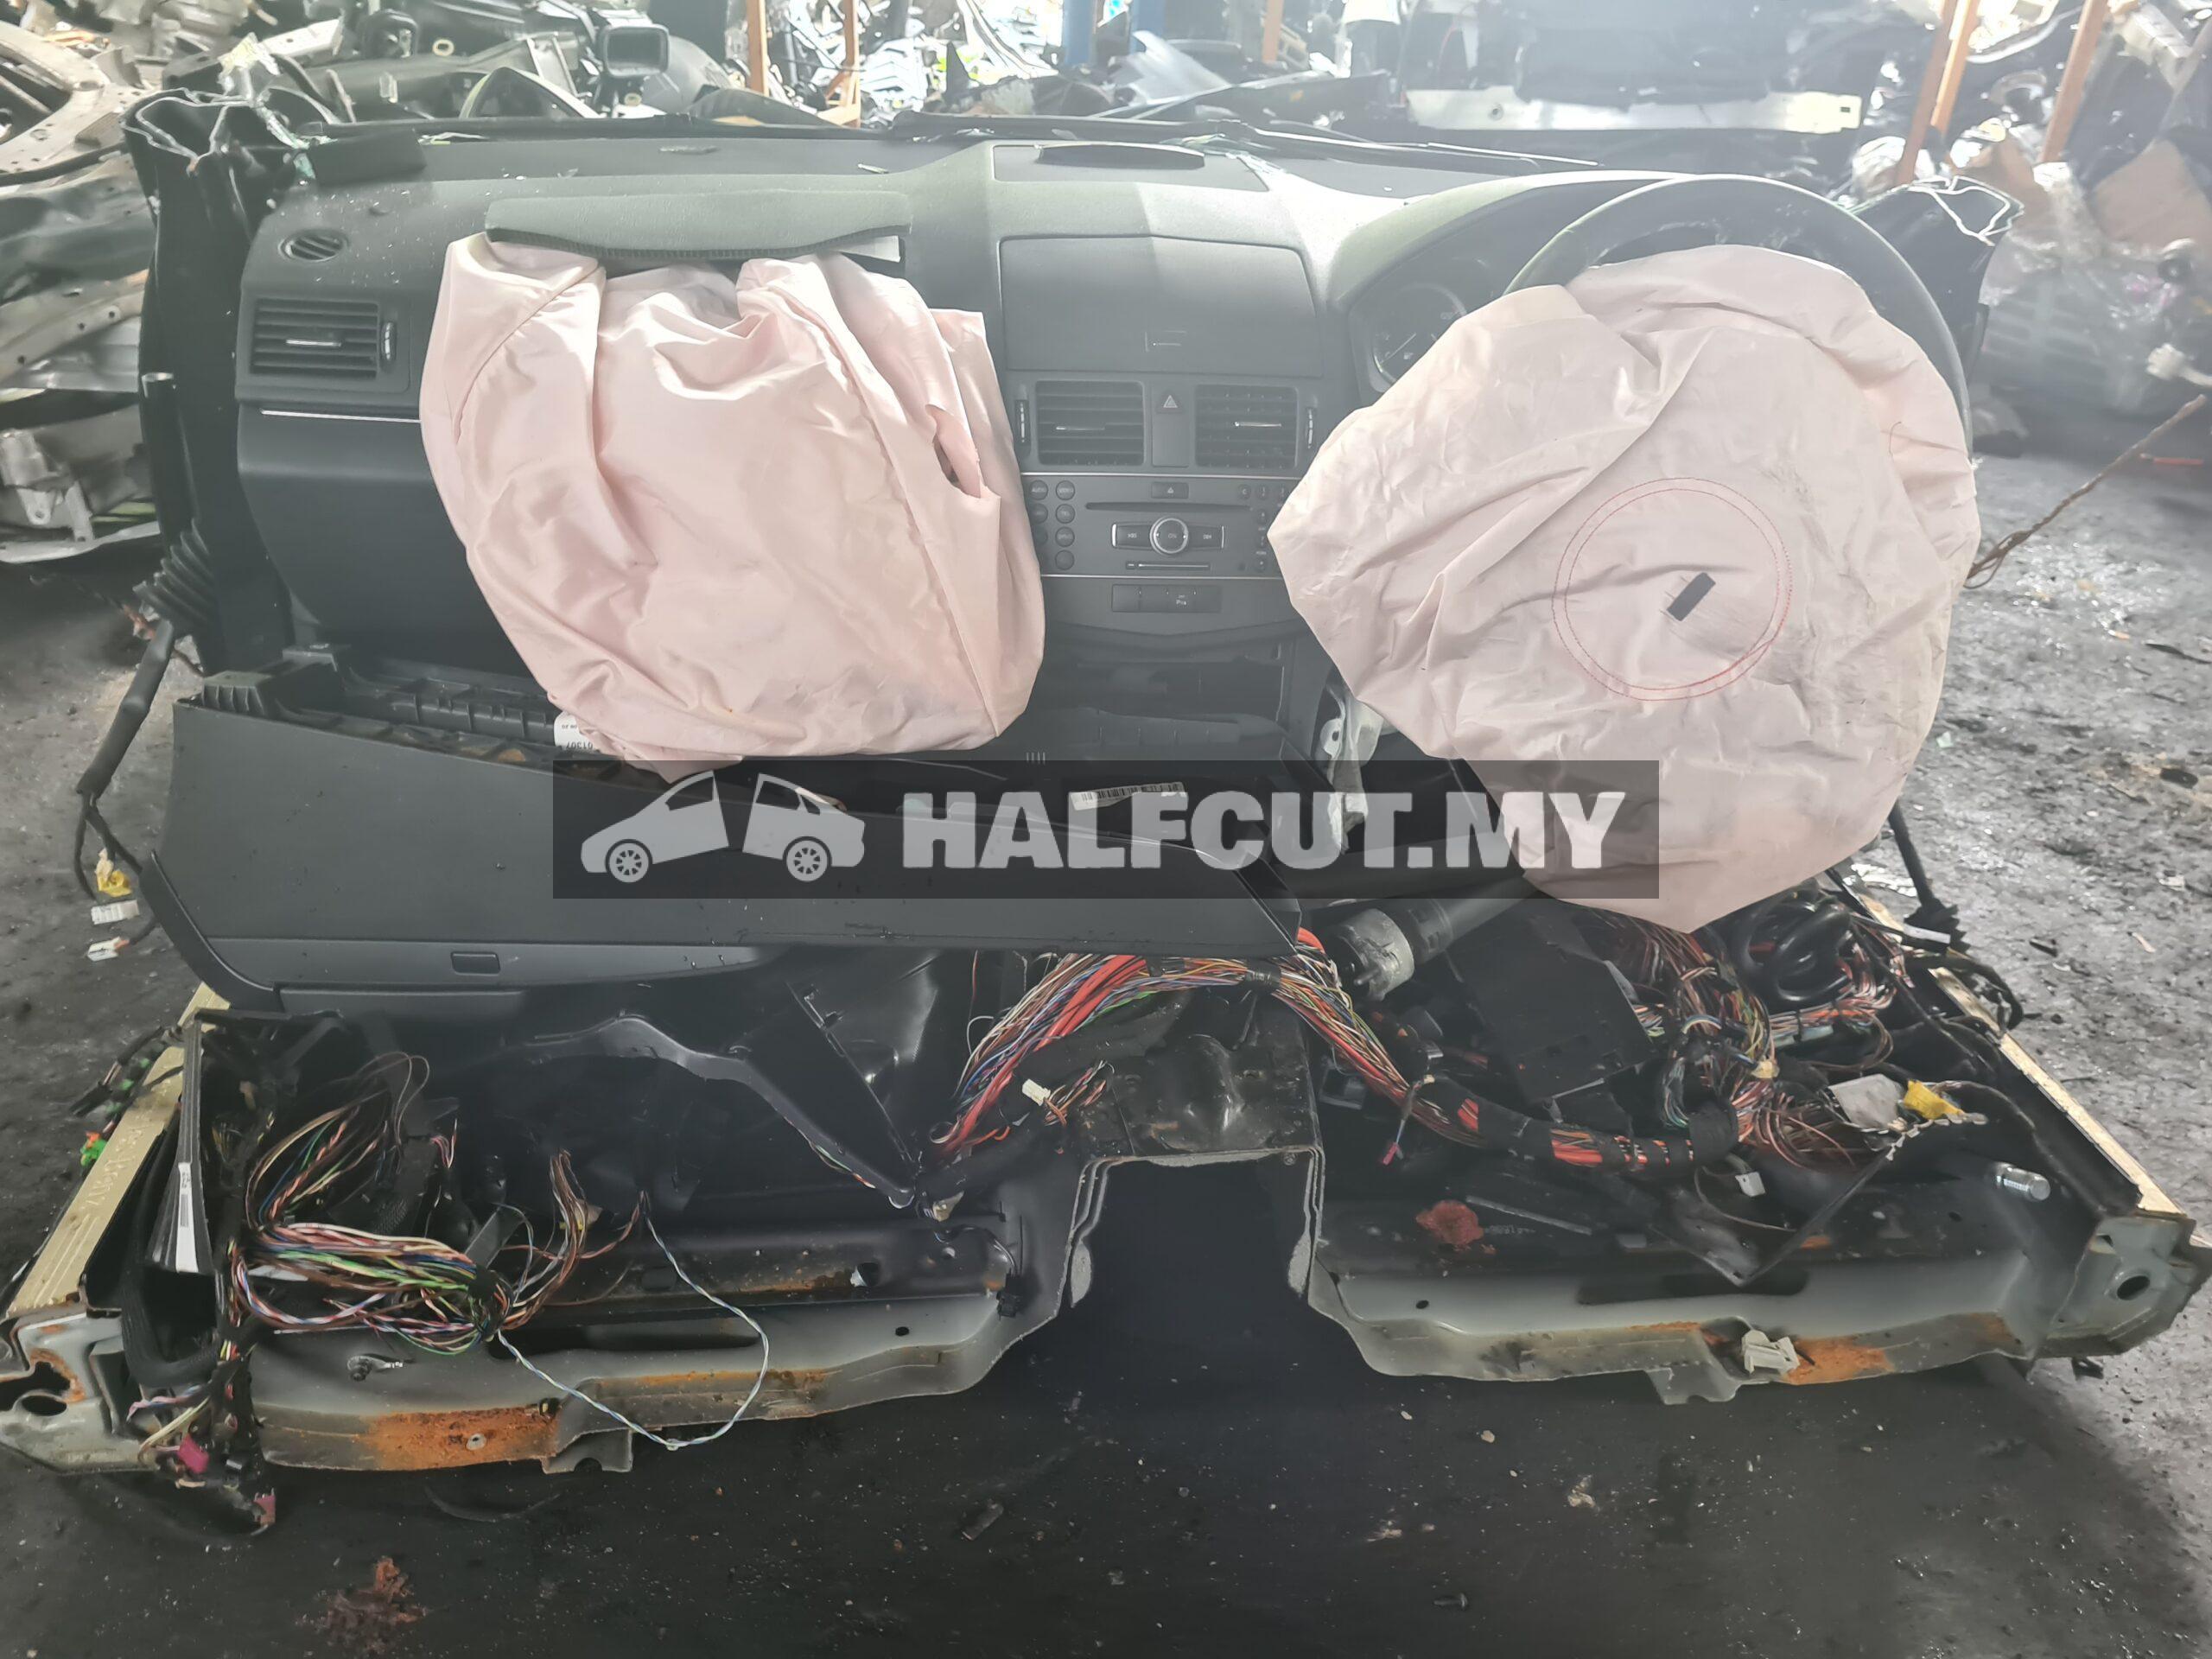 M/Benz w204 cgi halfcut